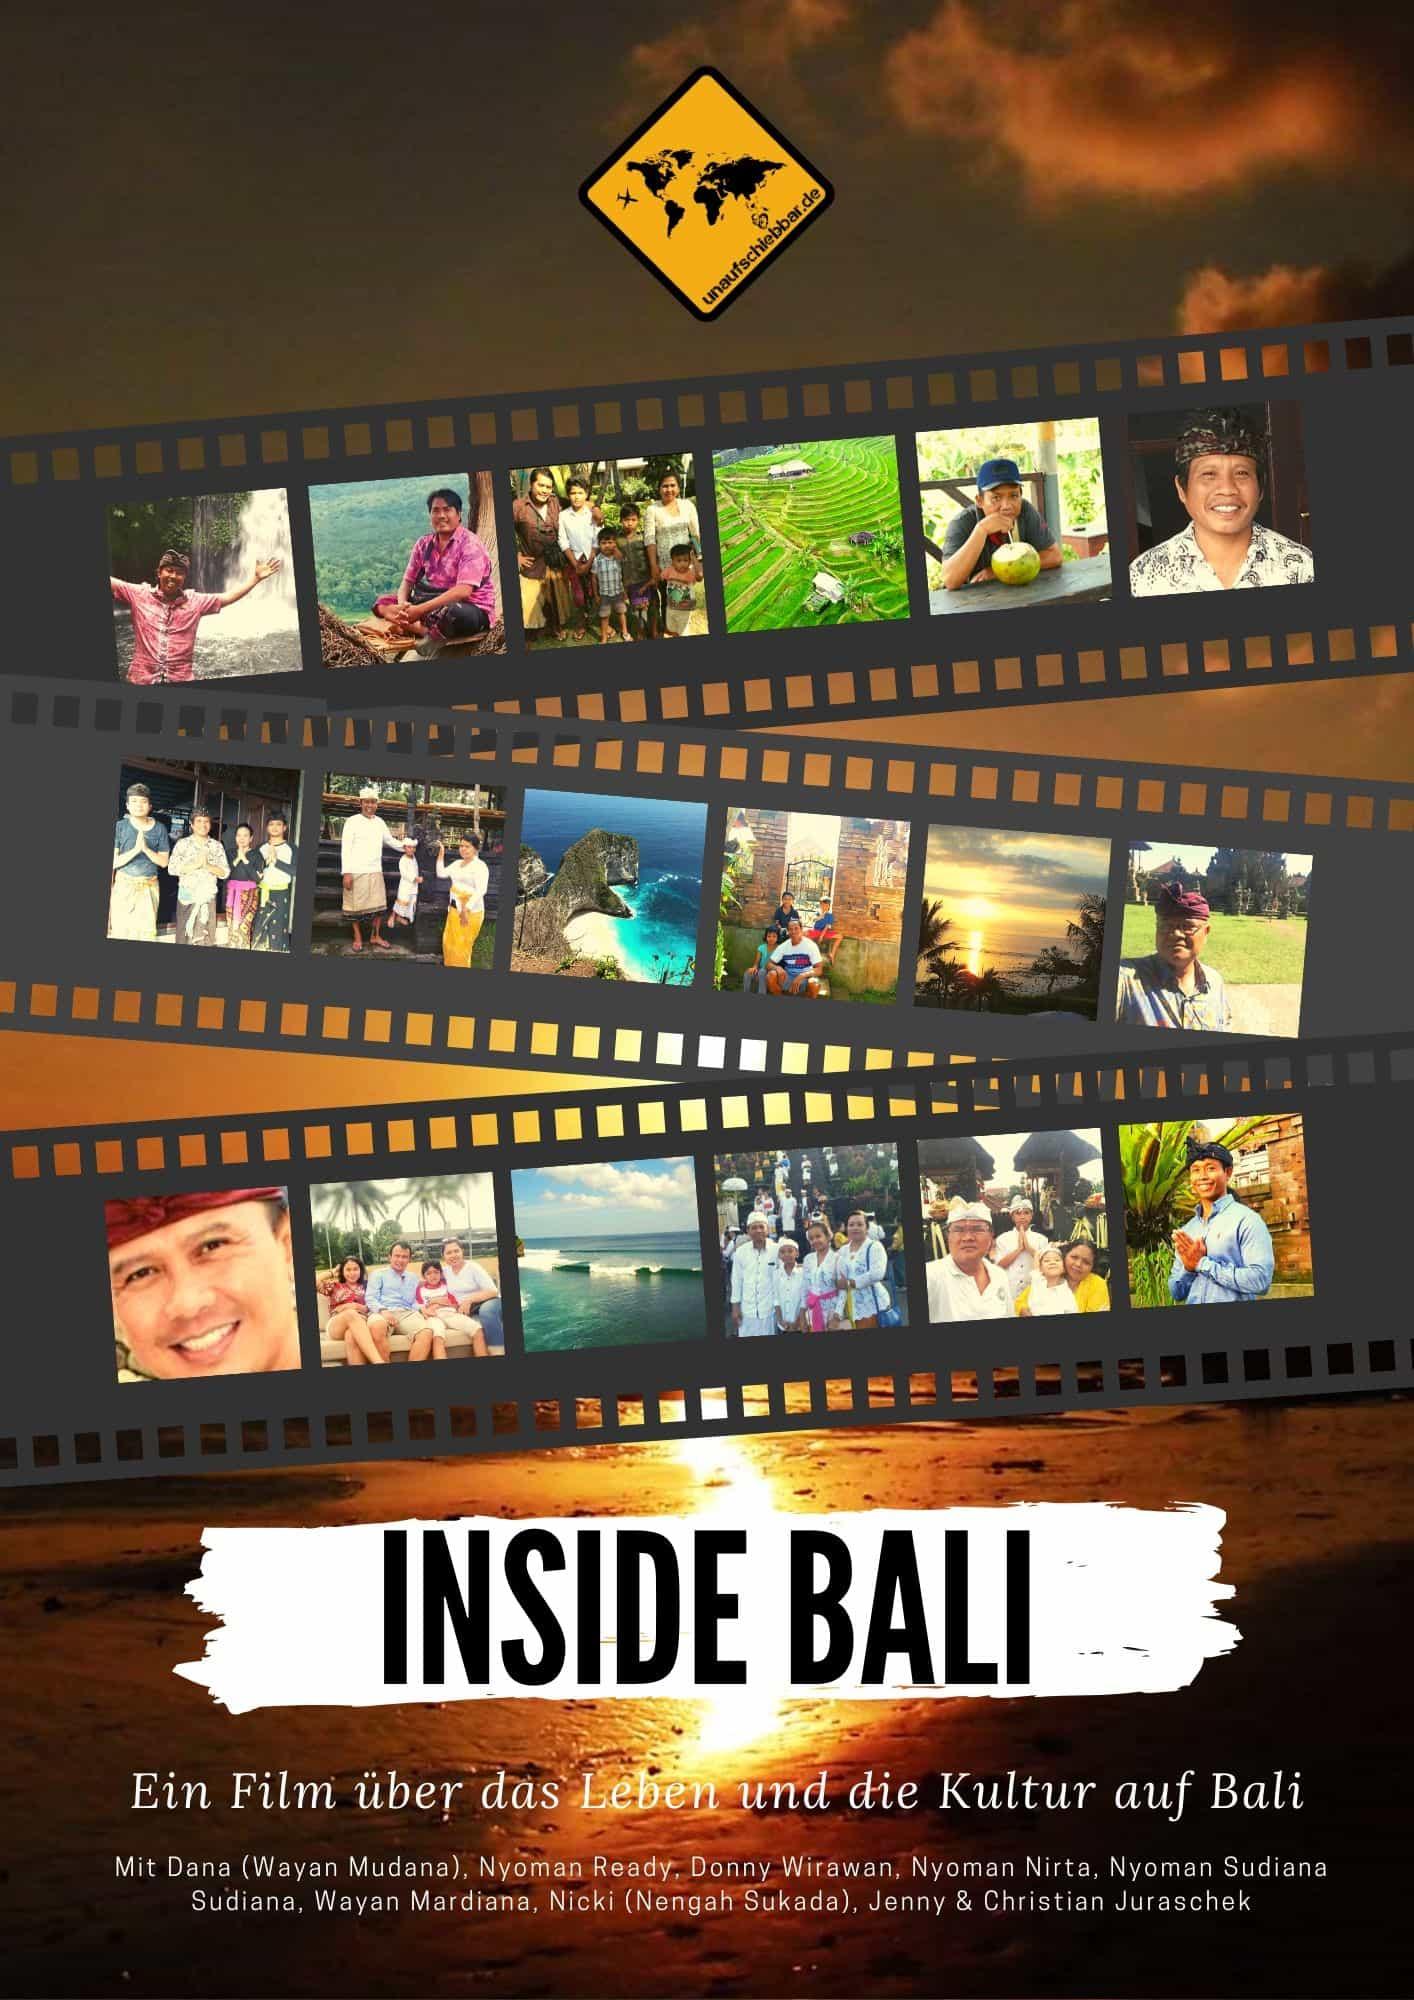 Spende-Hilfsprojekt-Film-Bali